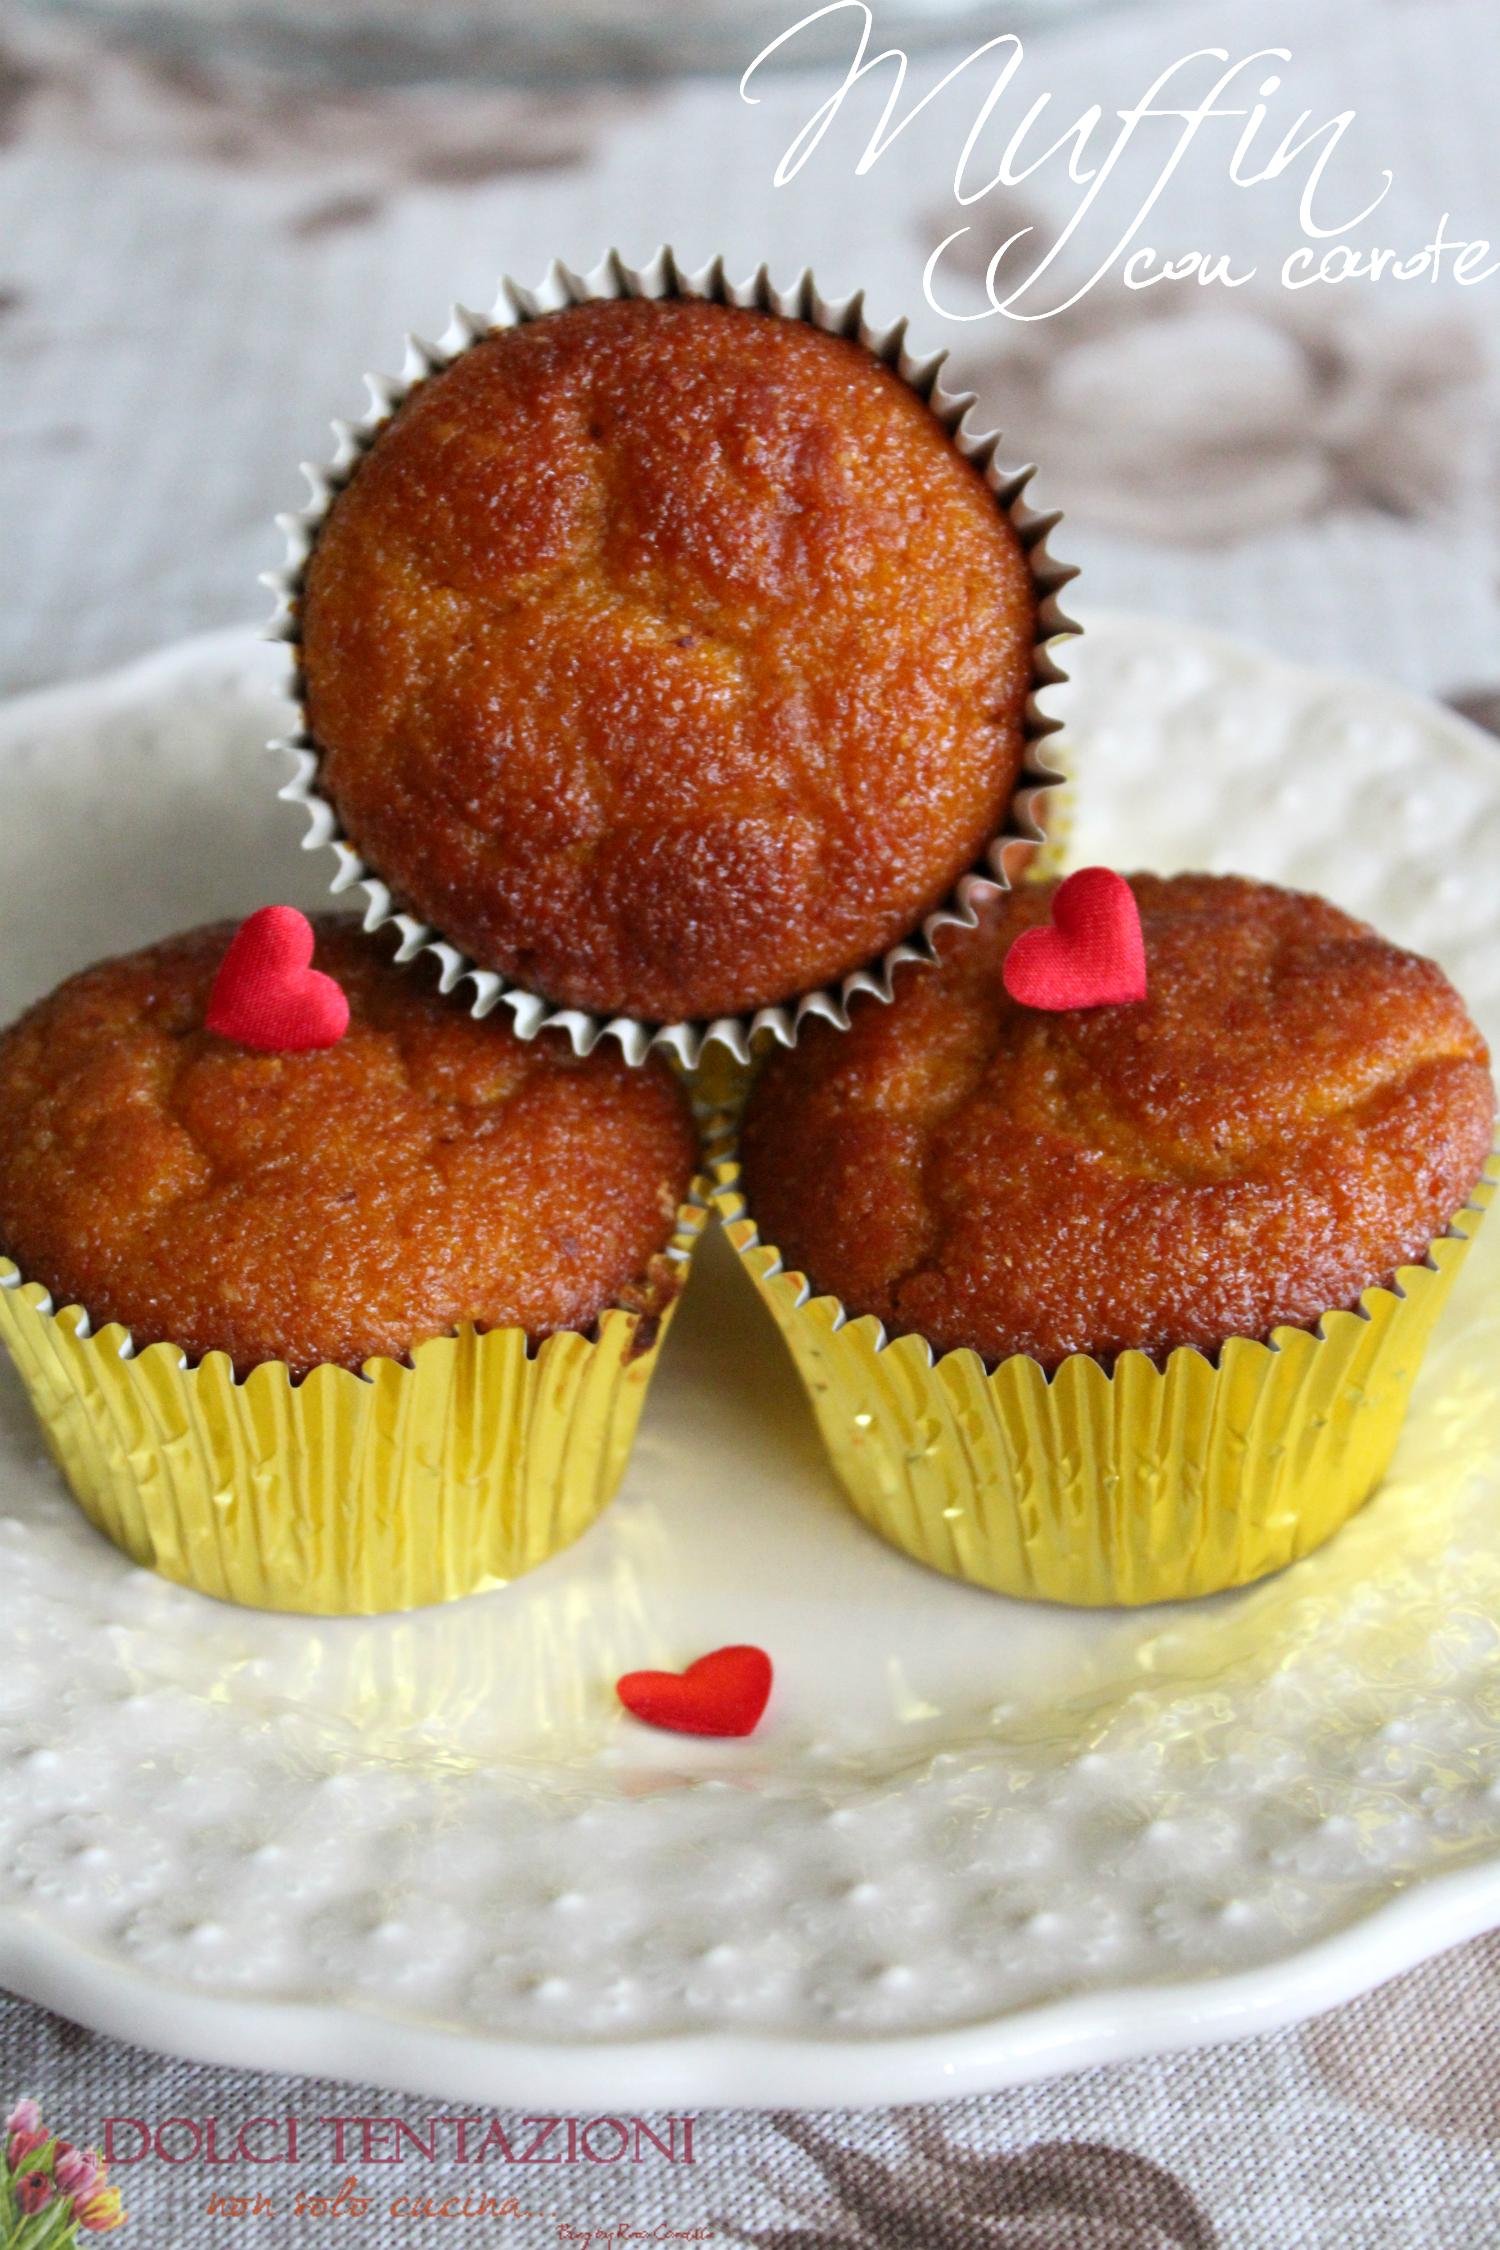 muffin con carote al profumo di arancia.google